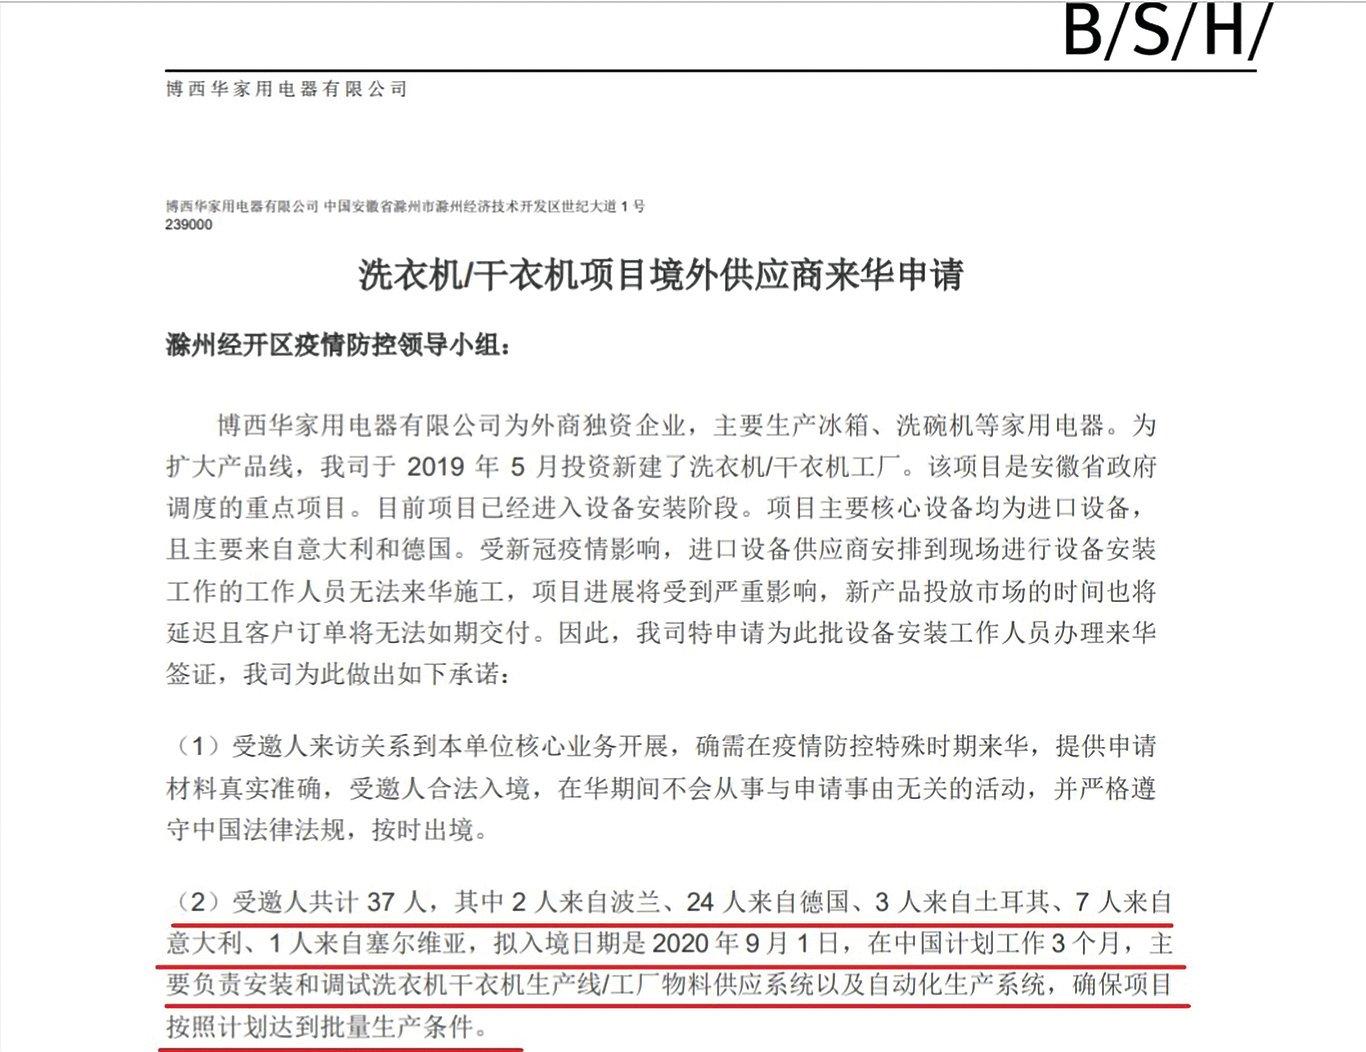 安徽滁州博西華家用電器有限公司申請外籍人員來滁工作的內部文件顯示,這些企業邀請外國人來華工作,需要經過中共多個部門層層審批。(大紀元)